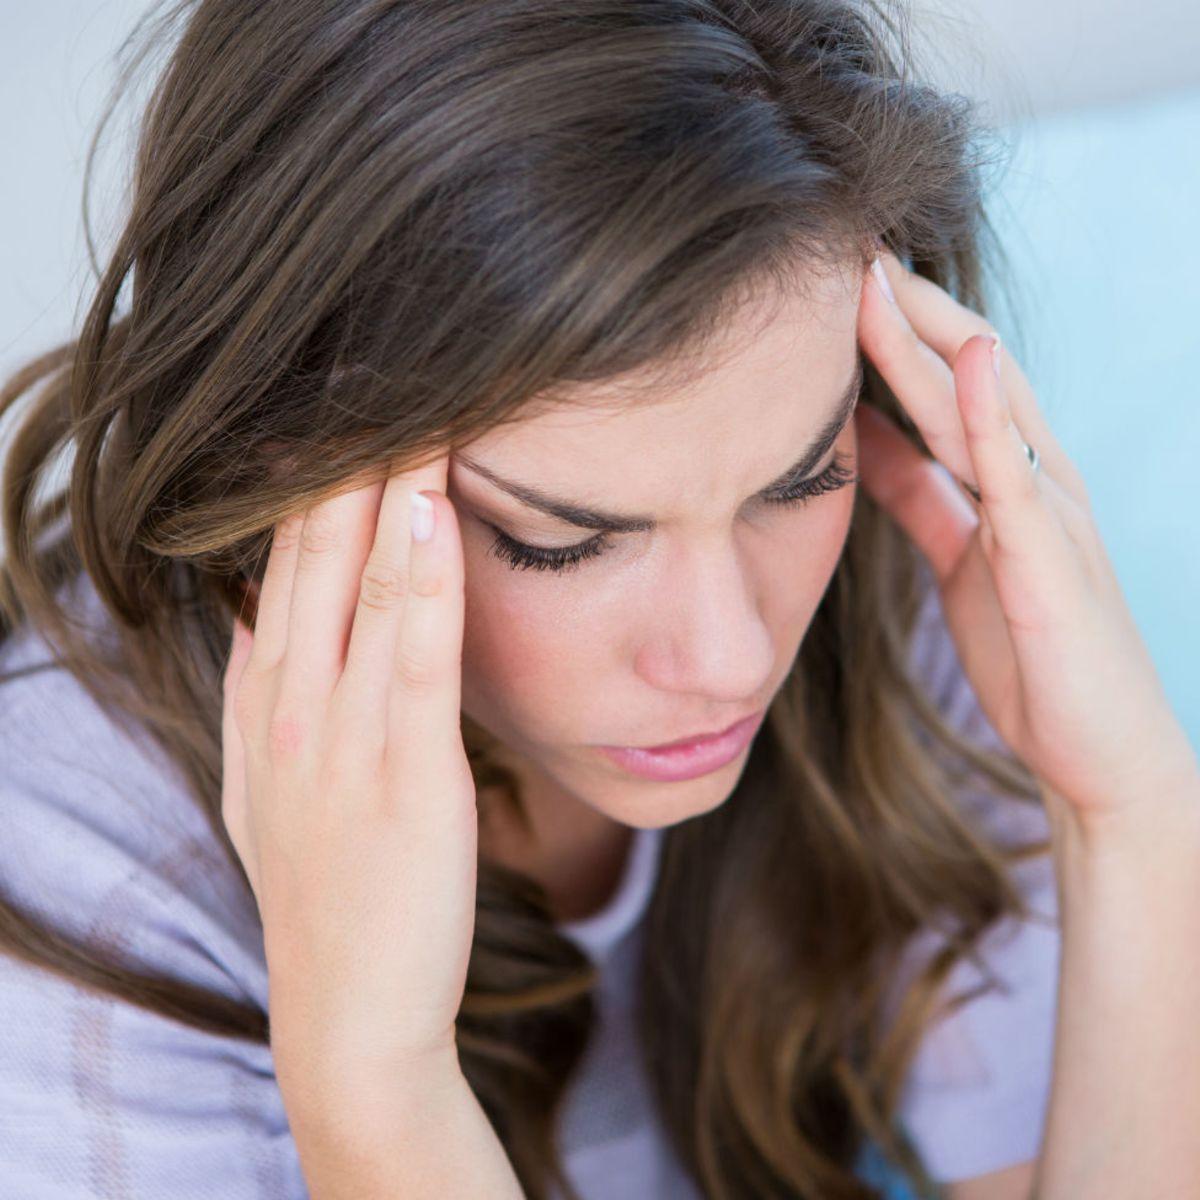 comment soulager migraine